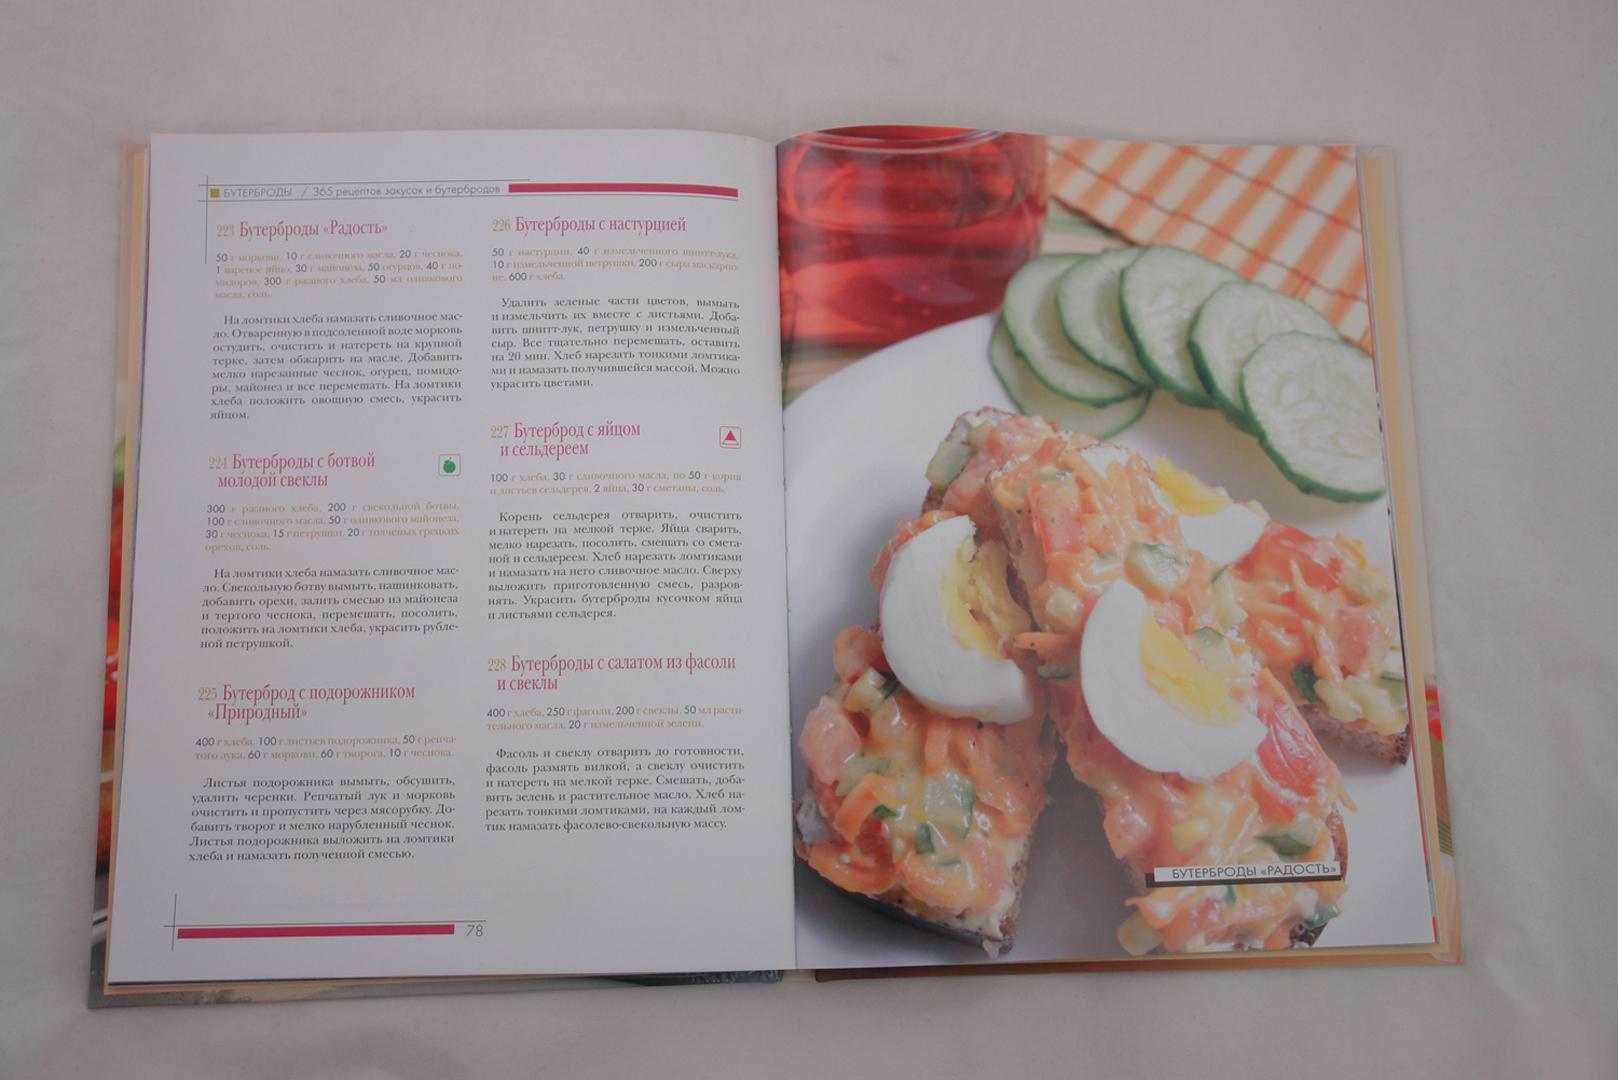 Иллюстрация 1 из 6 для 365 рецептов закусок и бутербродов - Елена Савина   Лабиринт - книги. Источник: Лабиринт